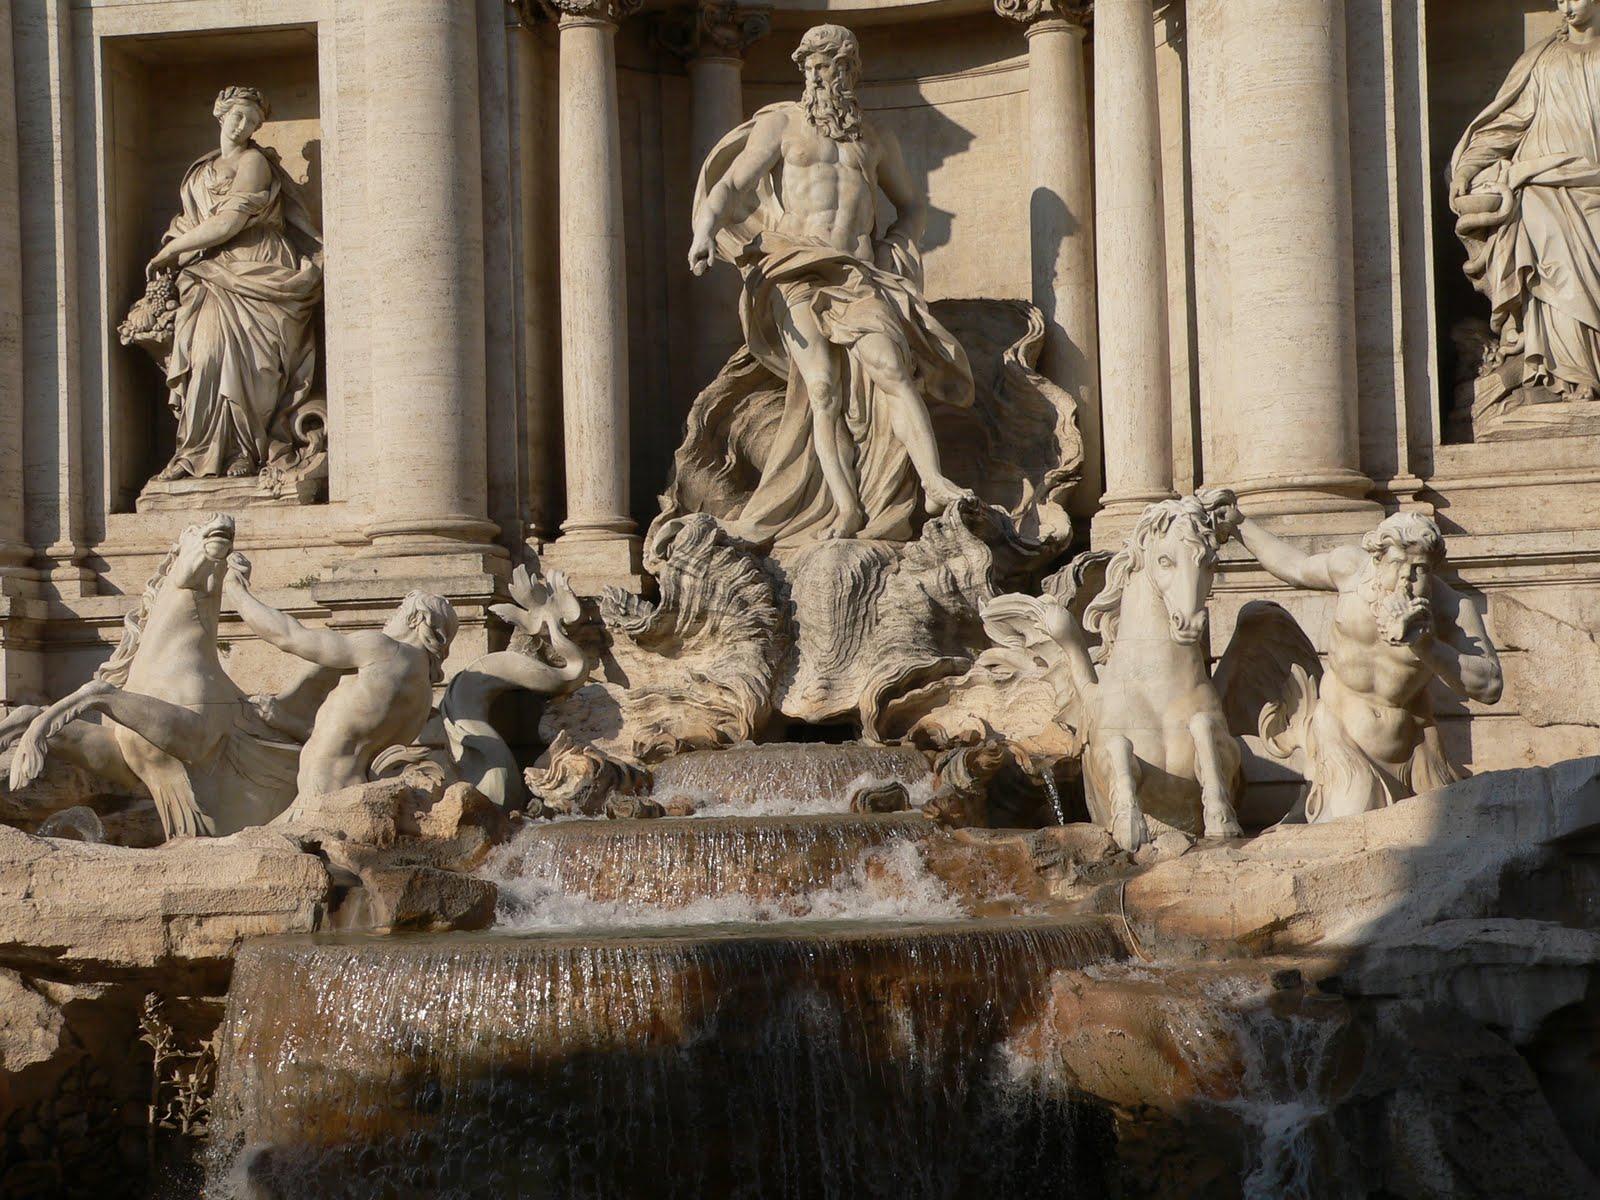 Fotografie z pielgrzymki MHD do Rzymu 27.11-1.12.2011. Autorka zdjęć Patrycja Górka-Wolontariuszka MHD